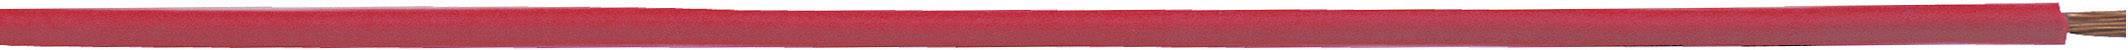 Opletenie / lanko LappKabel 4510003S H05V-K, 1 x 1 mm², vonkajší Ø 2.80 mm, 250 m, zelenožltá